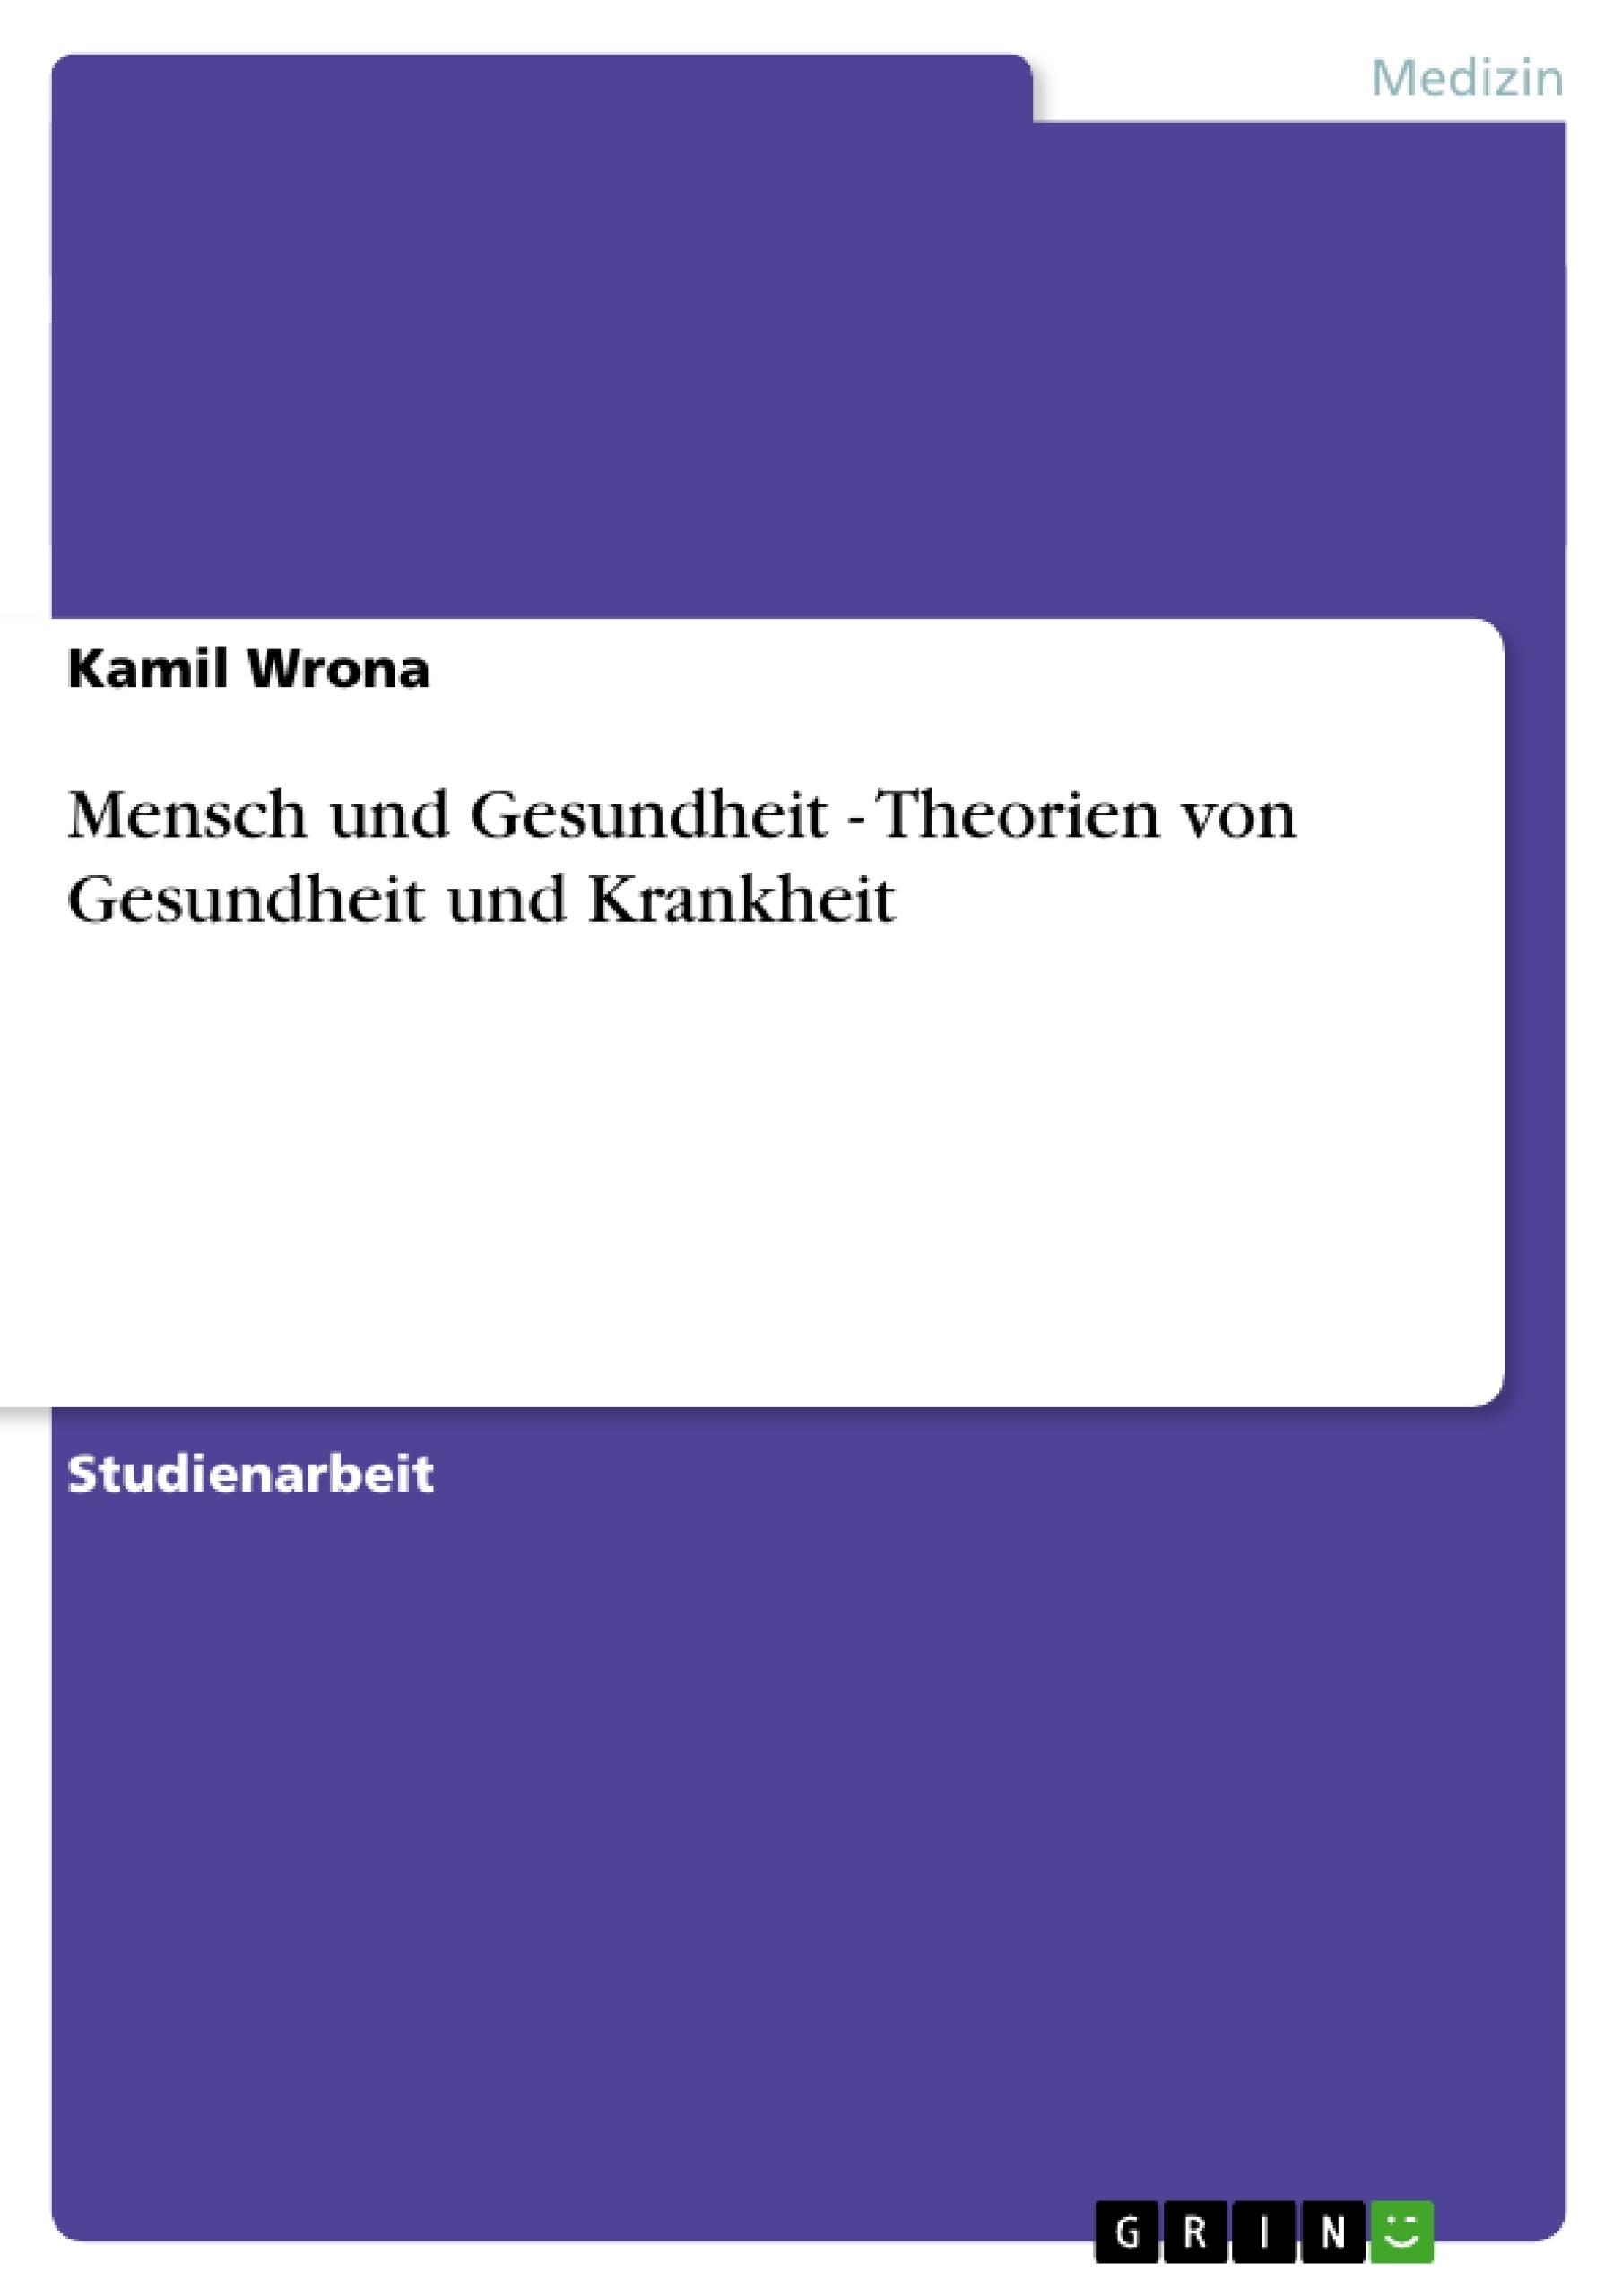 Titel: Mensch und Gesundheit - Theorien von Gesundheit und Krankheit